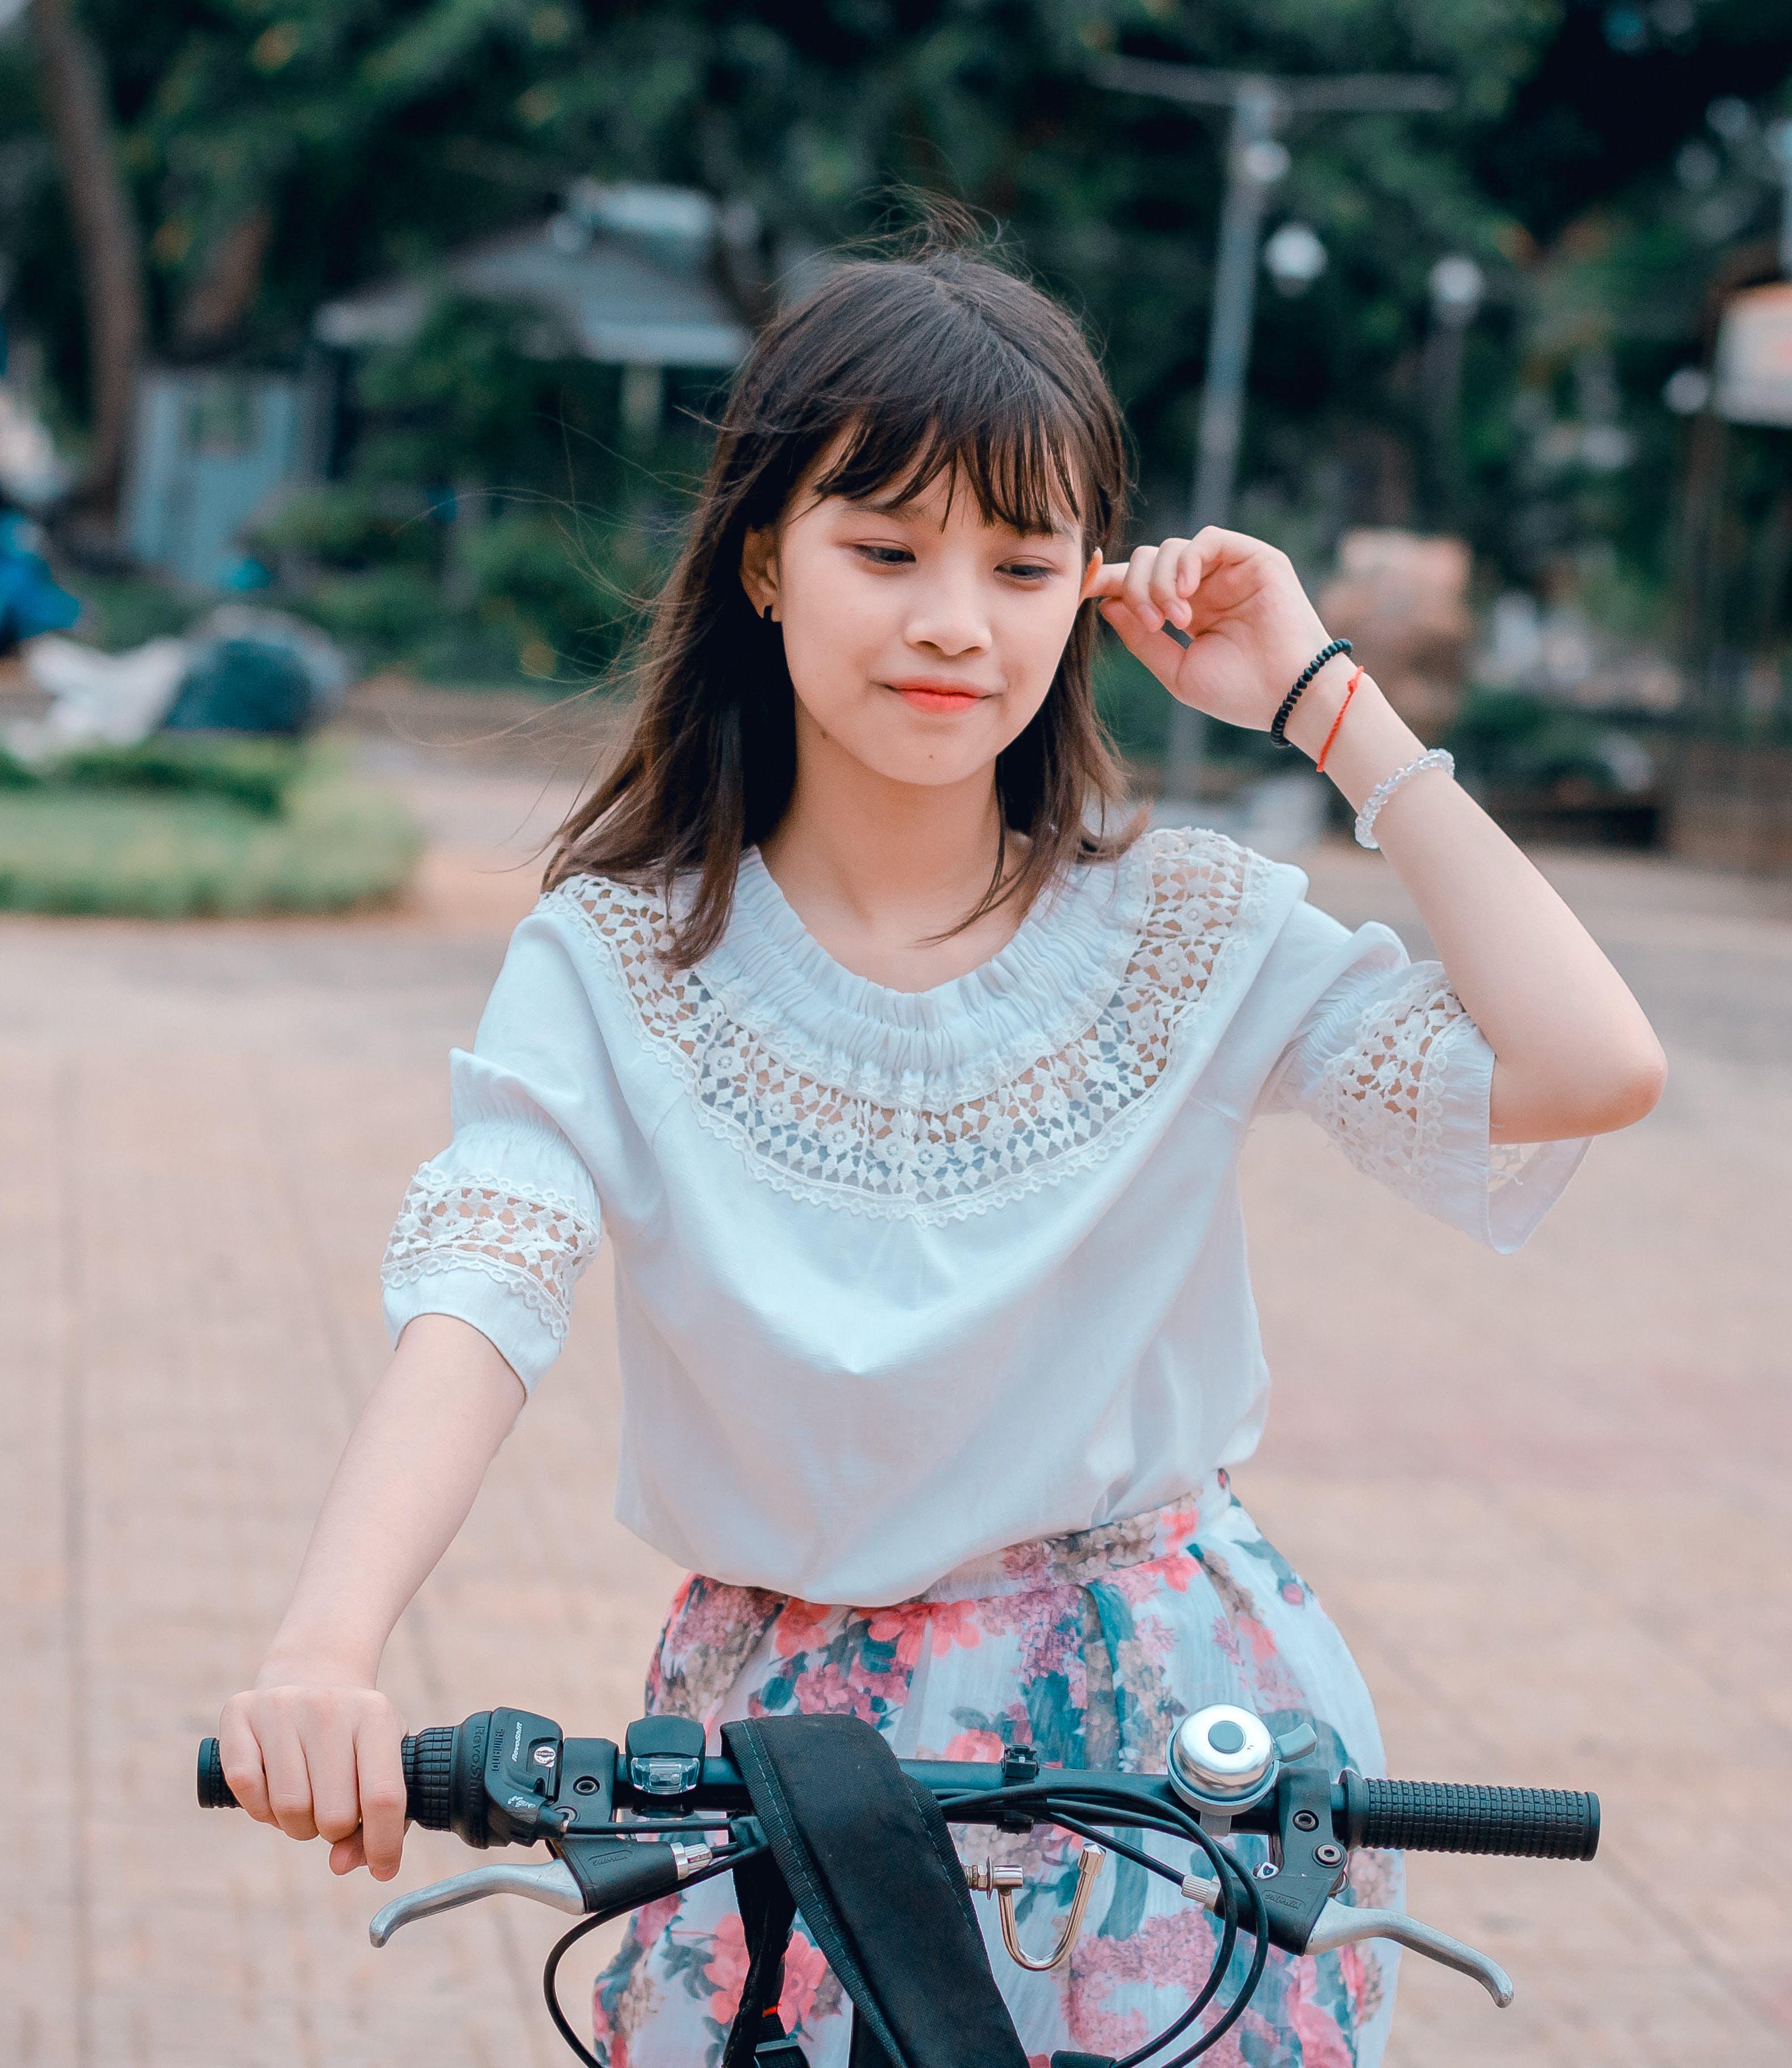 Gratis lagerfoto af asiatisk kvinde, Asiatisk pige, cykel, dagtimer